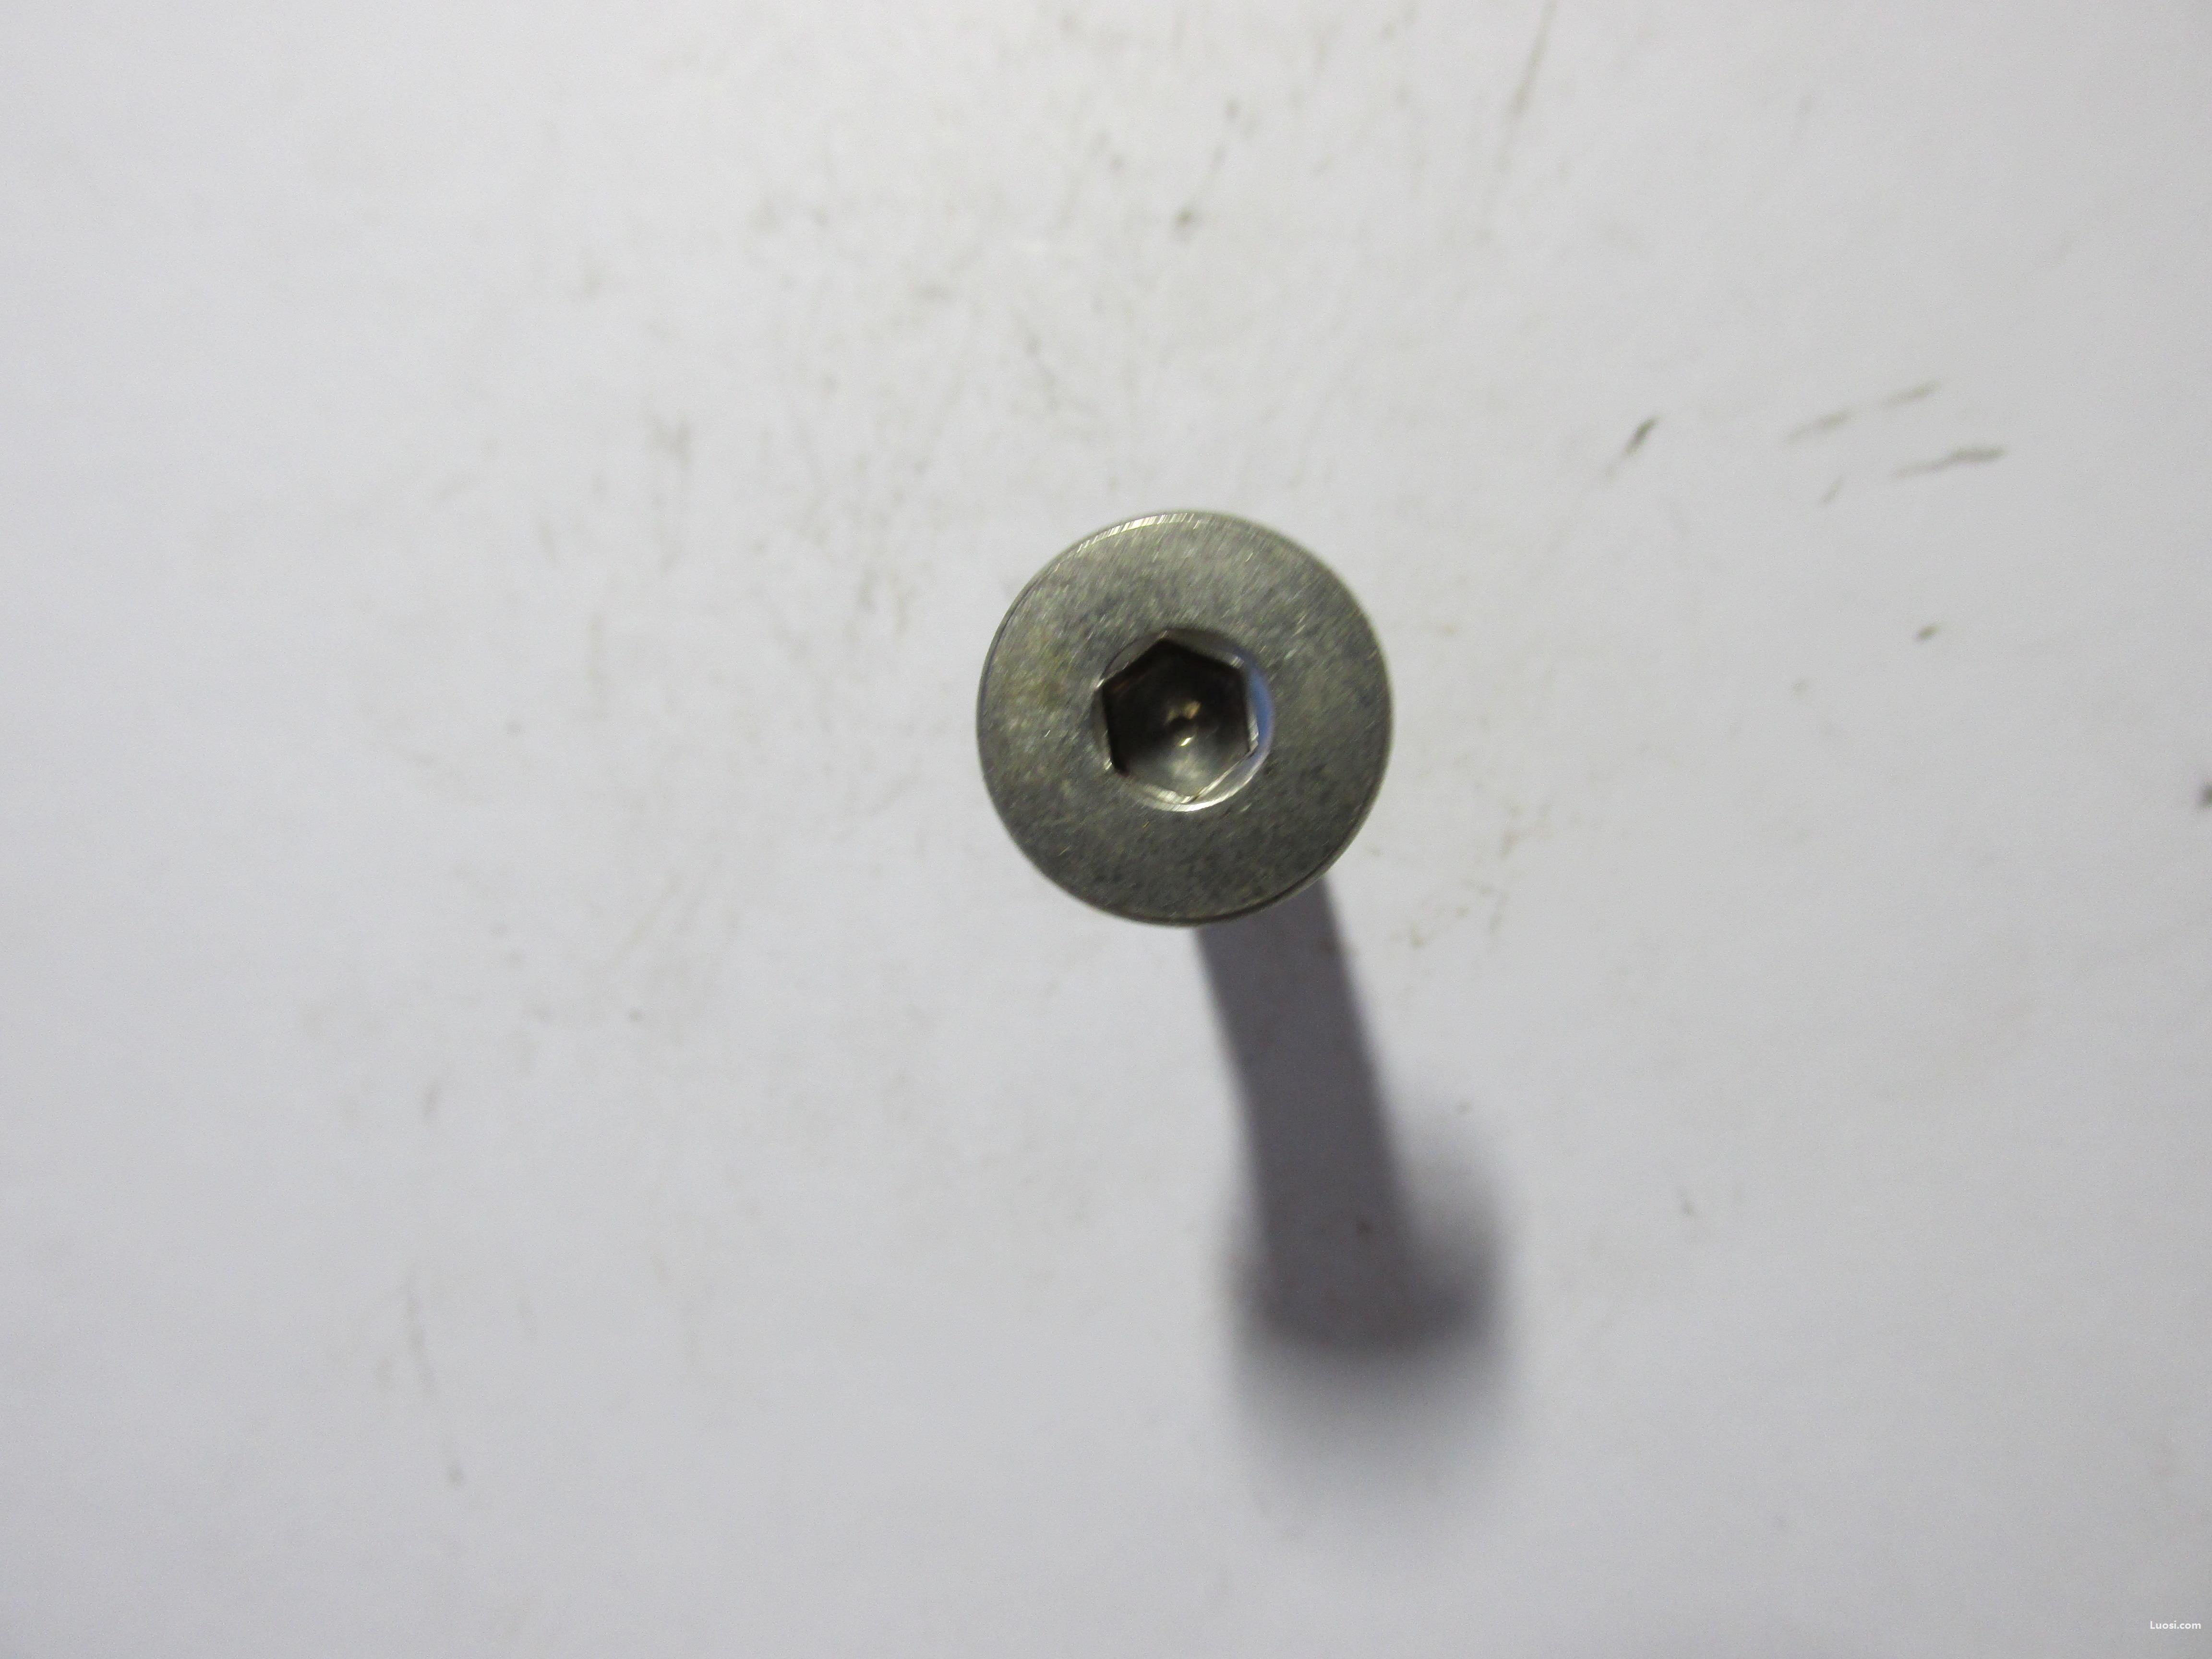 内六角半圆头螺钉1000只批订,量大价优